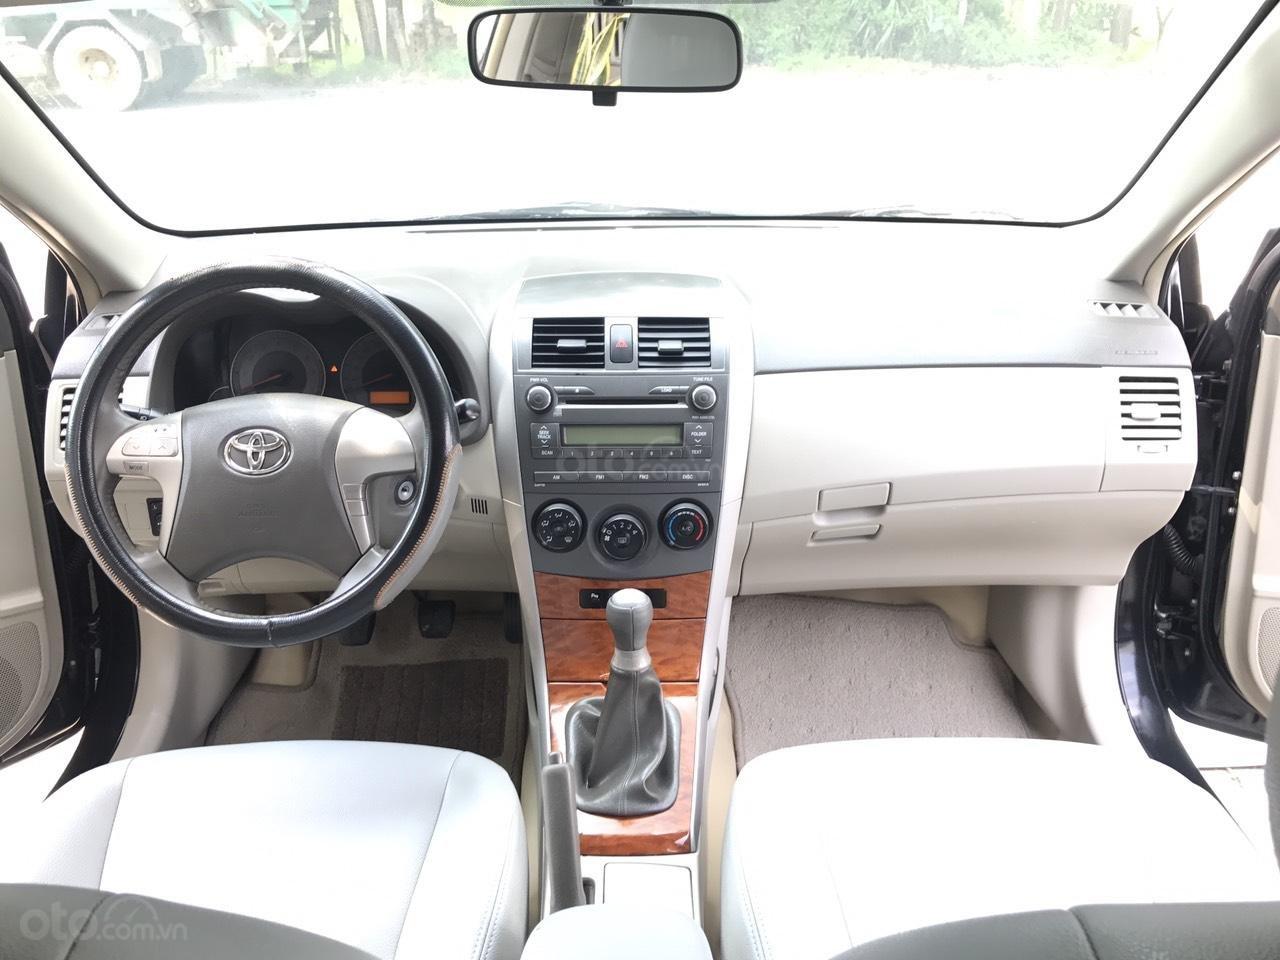 Cần bán Toyota Corolla Altis 1.8G đời 2010, màu đen, chính chủ cán bộ Sóc Sơn (5)